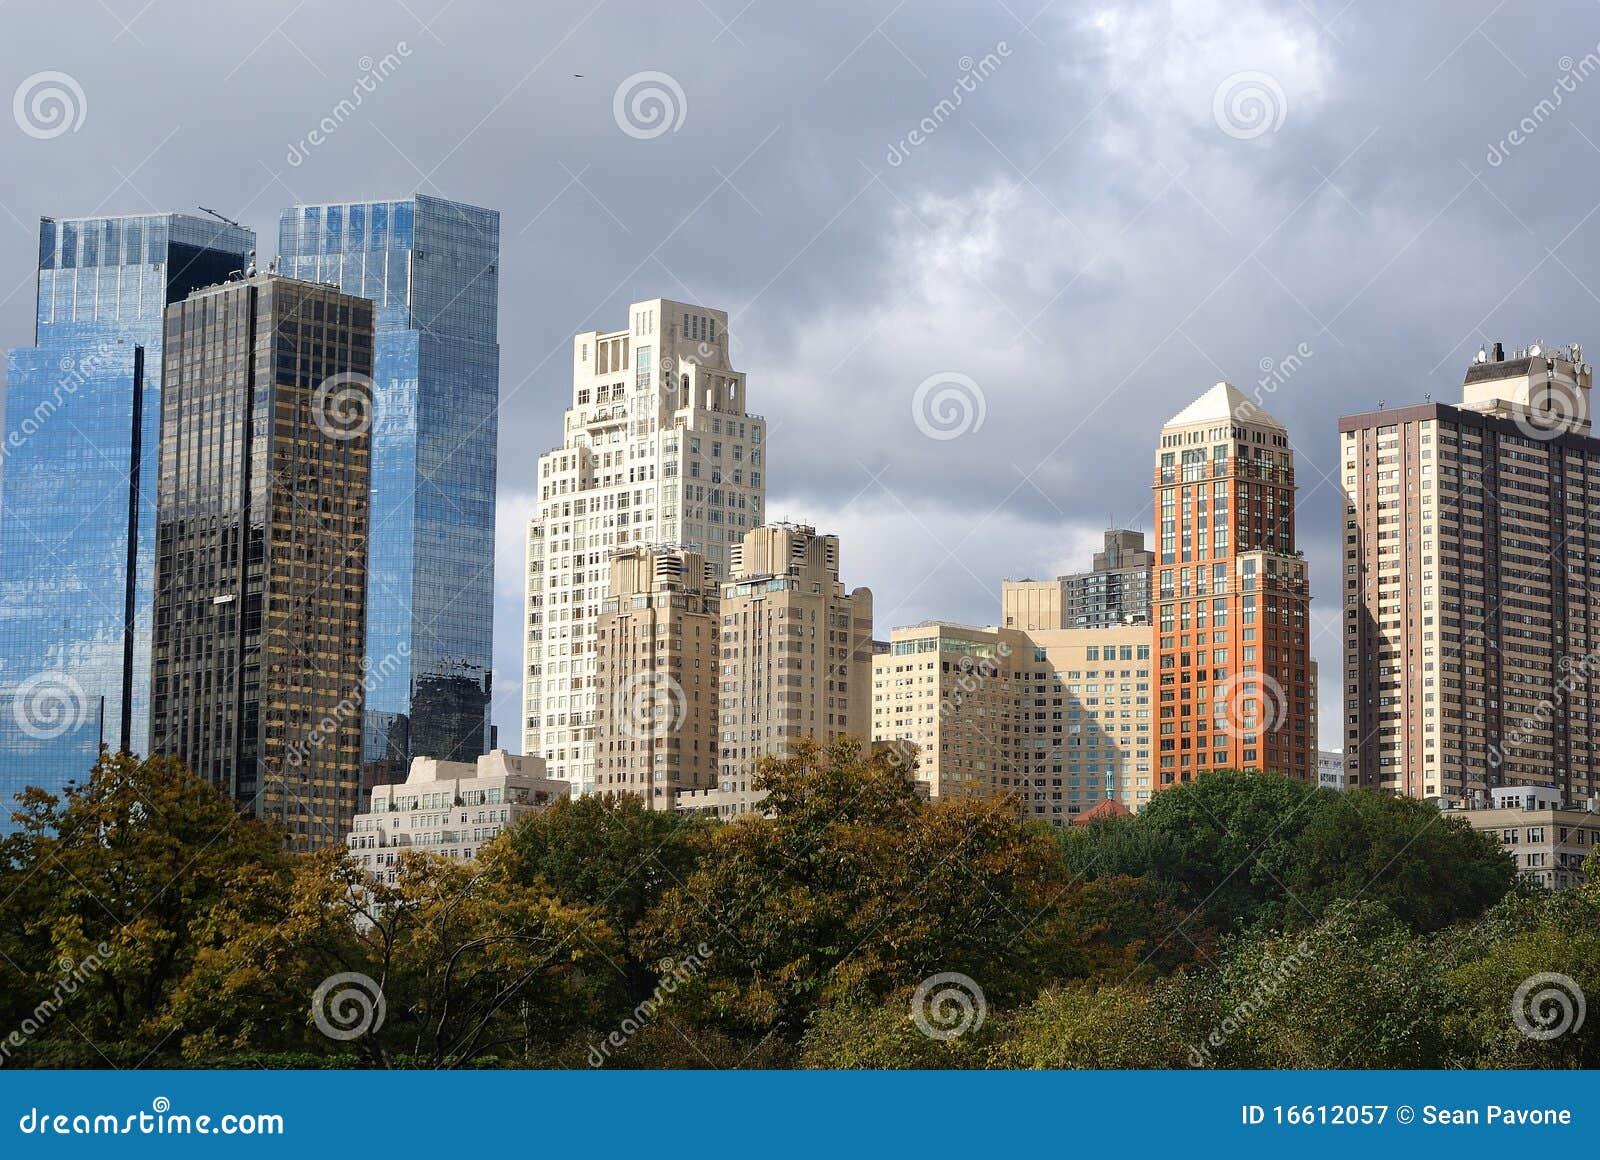 Grattacieli a new york city immagine stock immagine di for New york architettura contemporanea